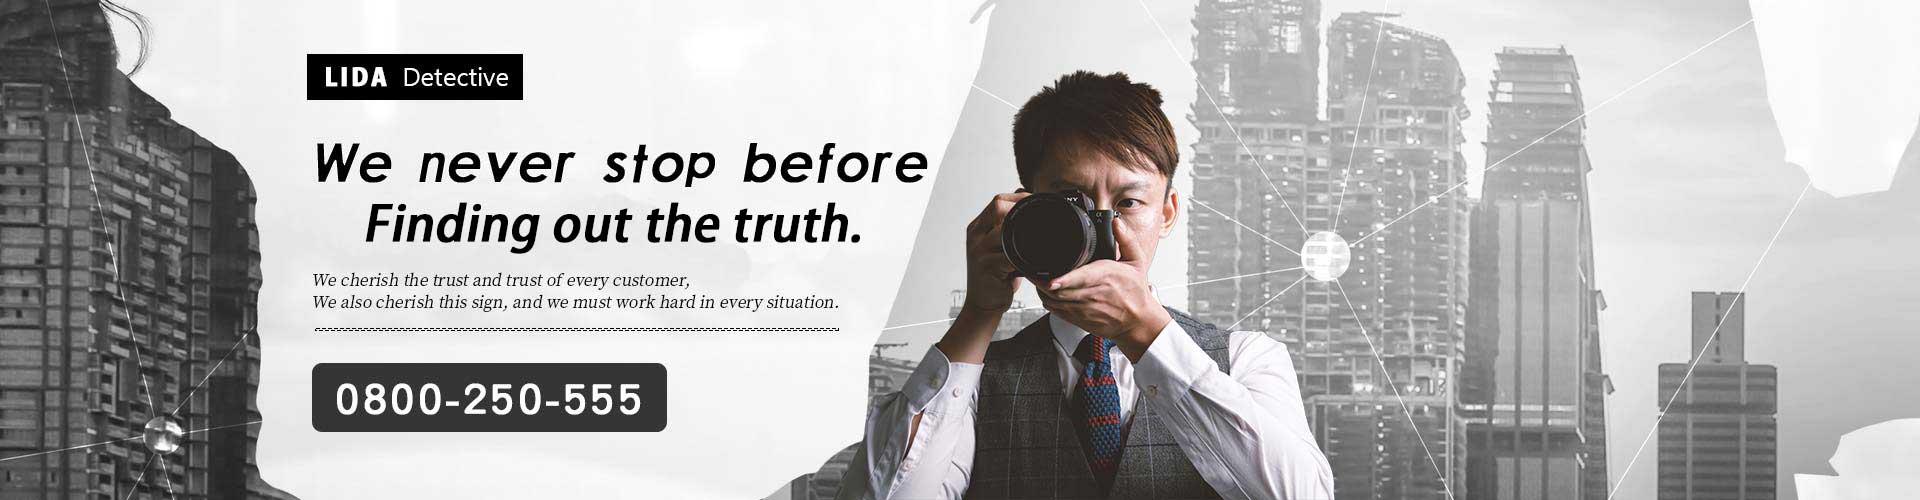 立達徵信社-發現真相前我們永不停歇